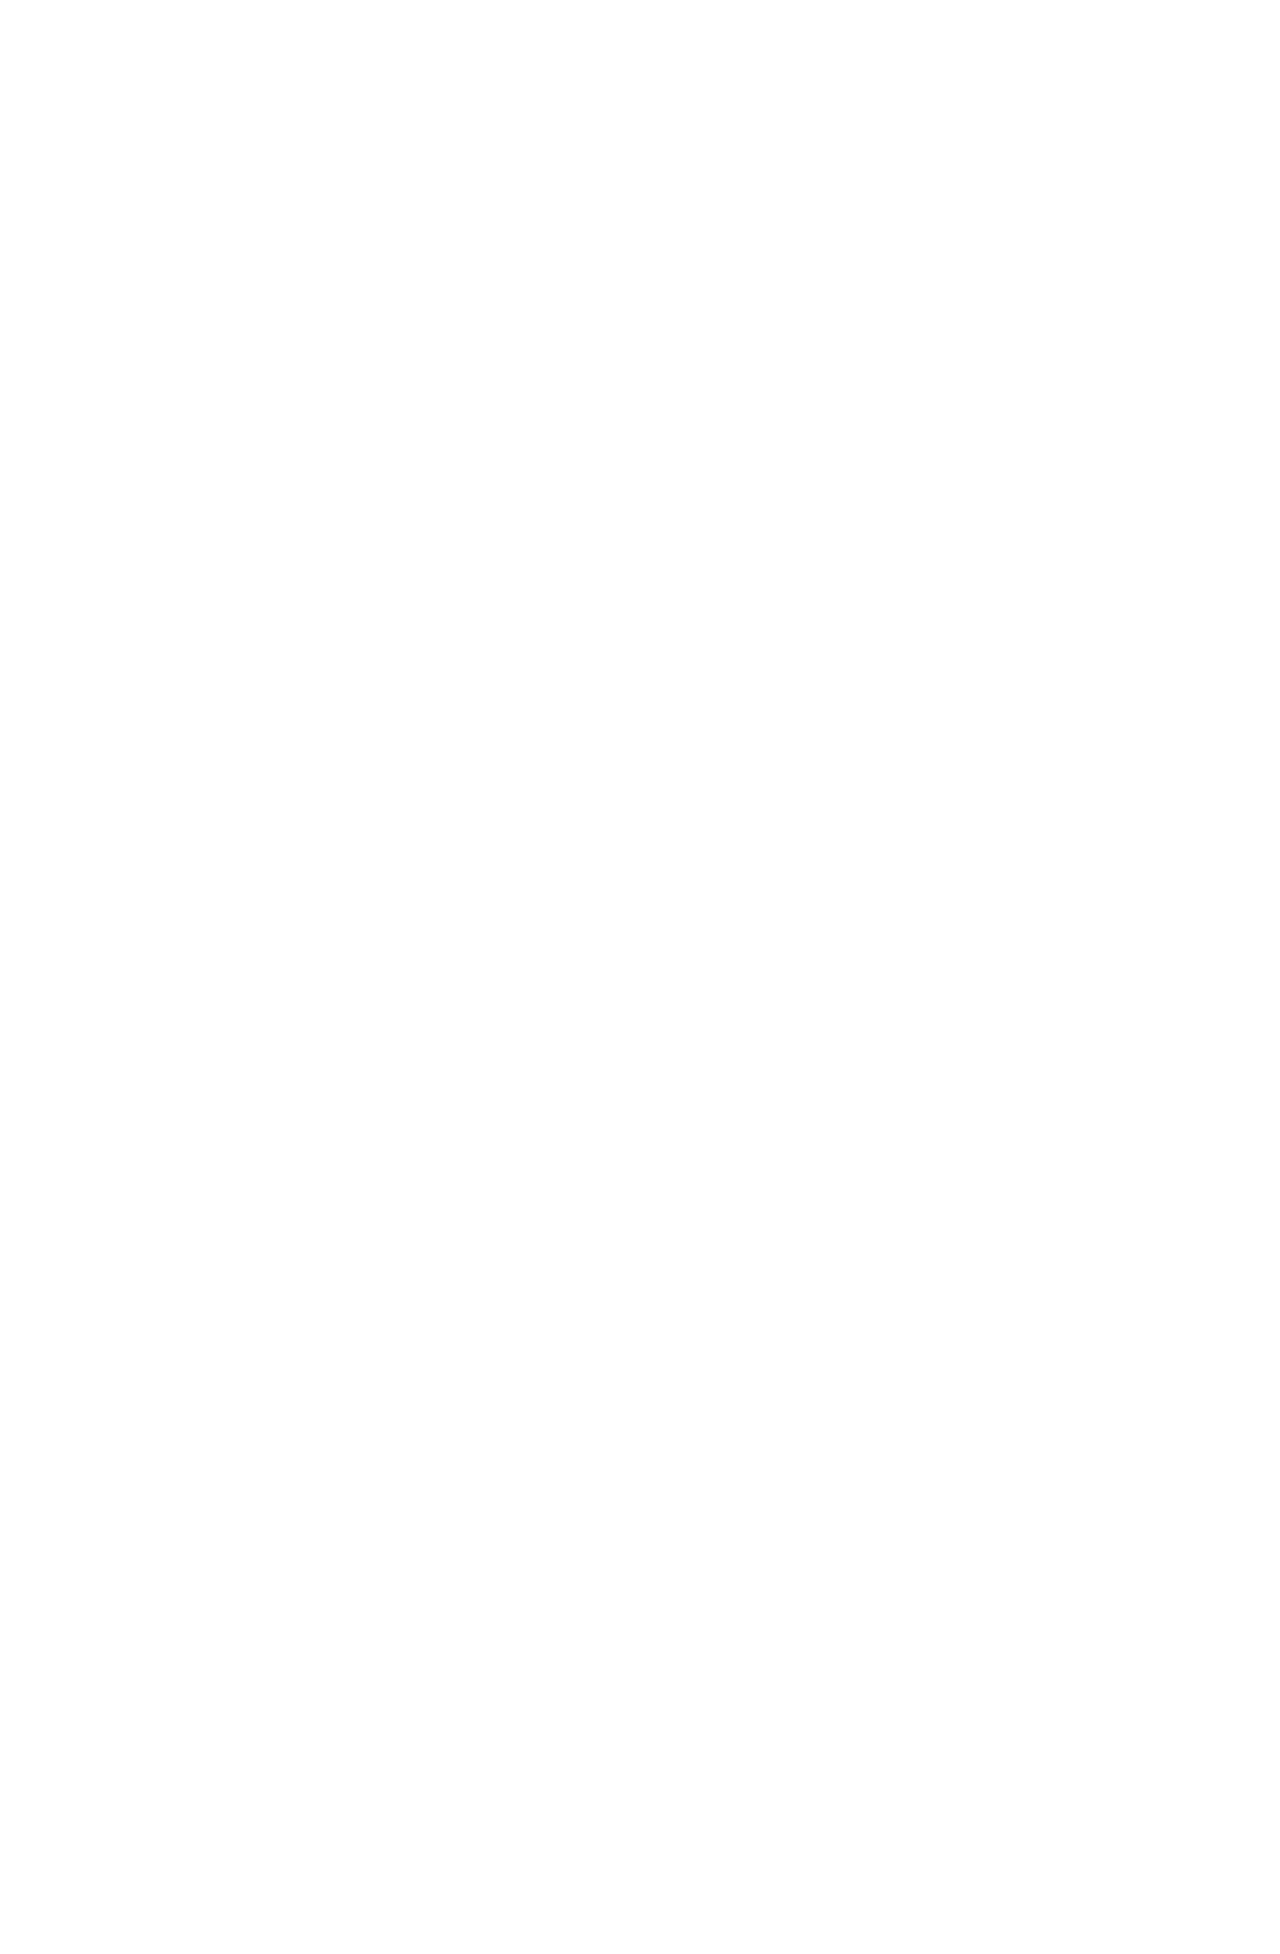 https://digital.tessmann.it/mediaArchive/media/image/Page/BZZ/1897/04_12_1897/BZZ_1897_12_04_9_object_380426.png?auth=88c8b6f4d53fafa4fb544da80c182313